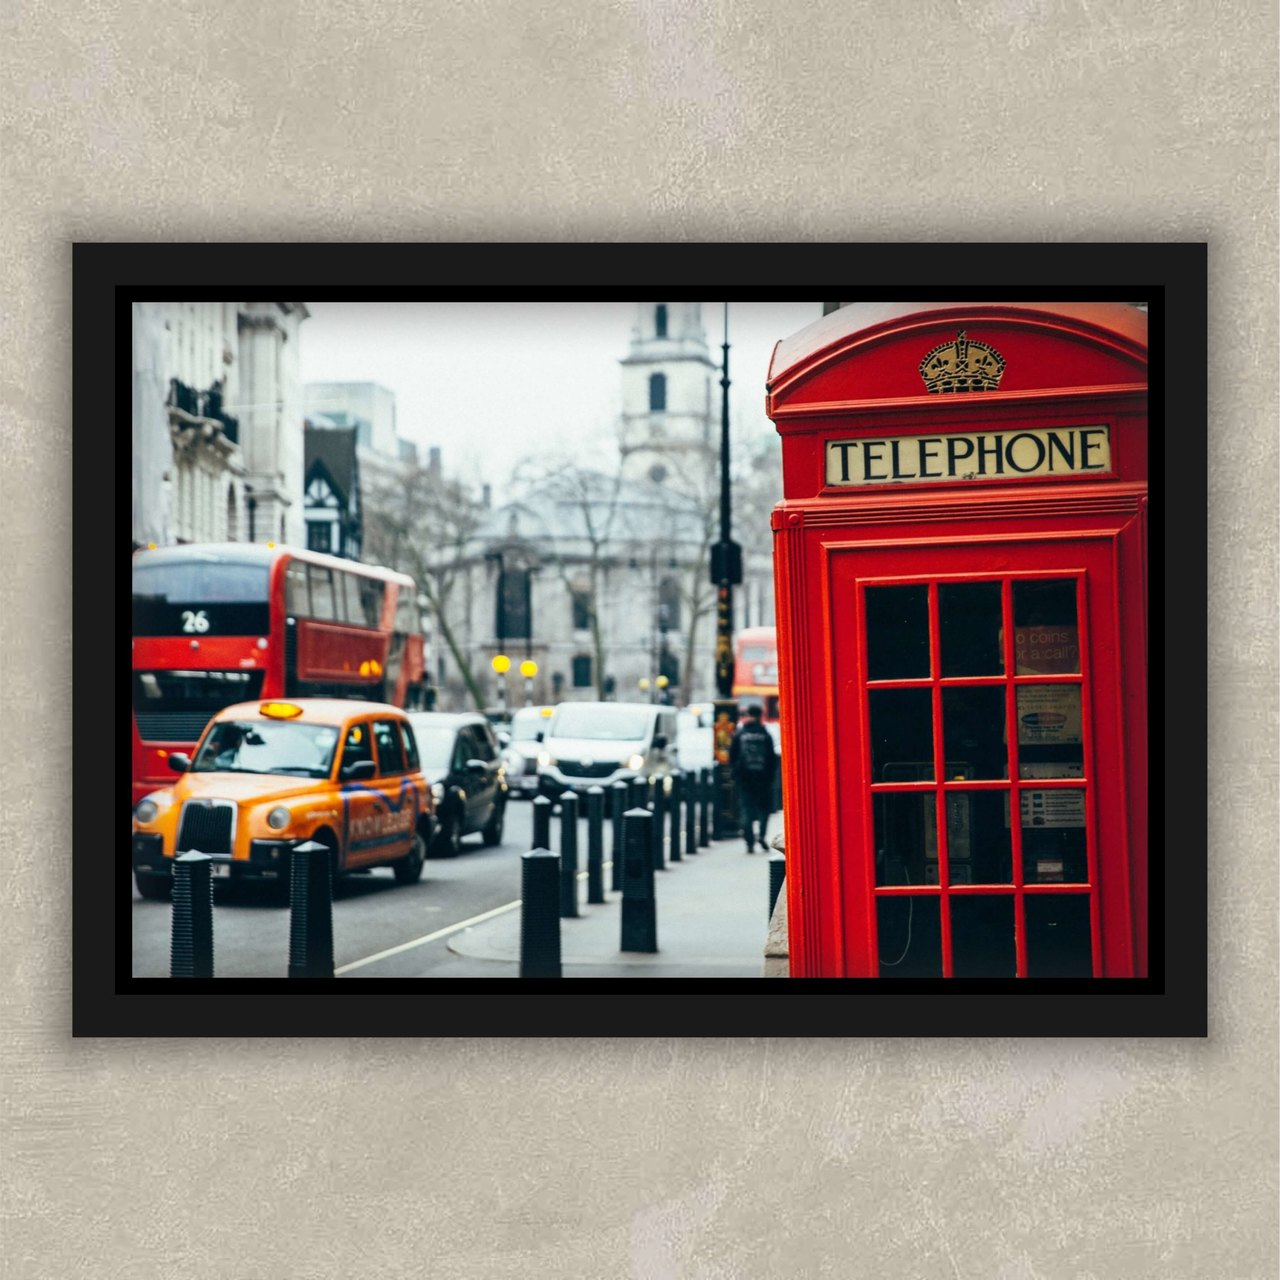 Cabine telefonica de londres-Quadros decorativos